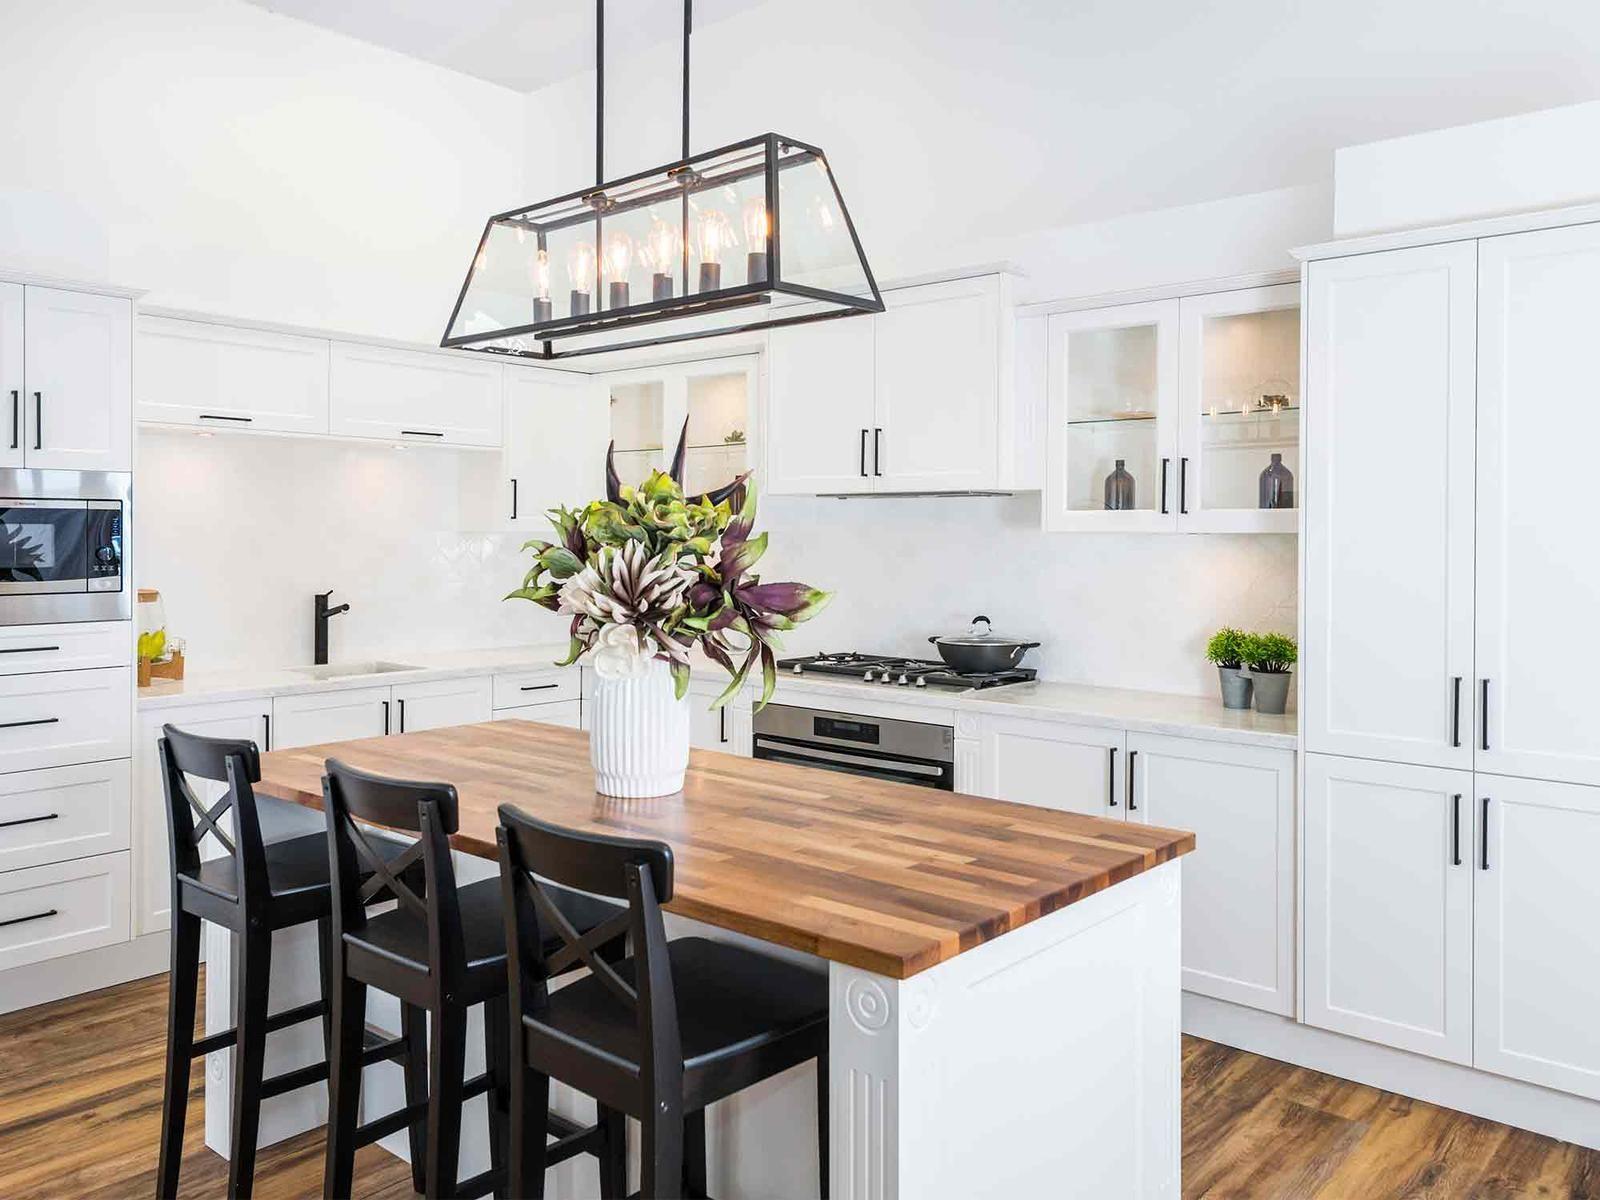 u shaped kitchen designs konyha modern u shaped kitchens galley kitchen design l shaped on kitchen ideas u shaped id=81743